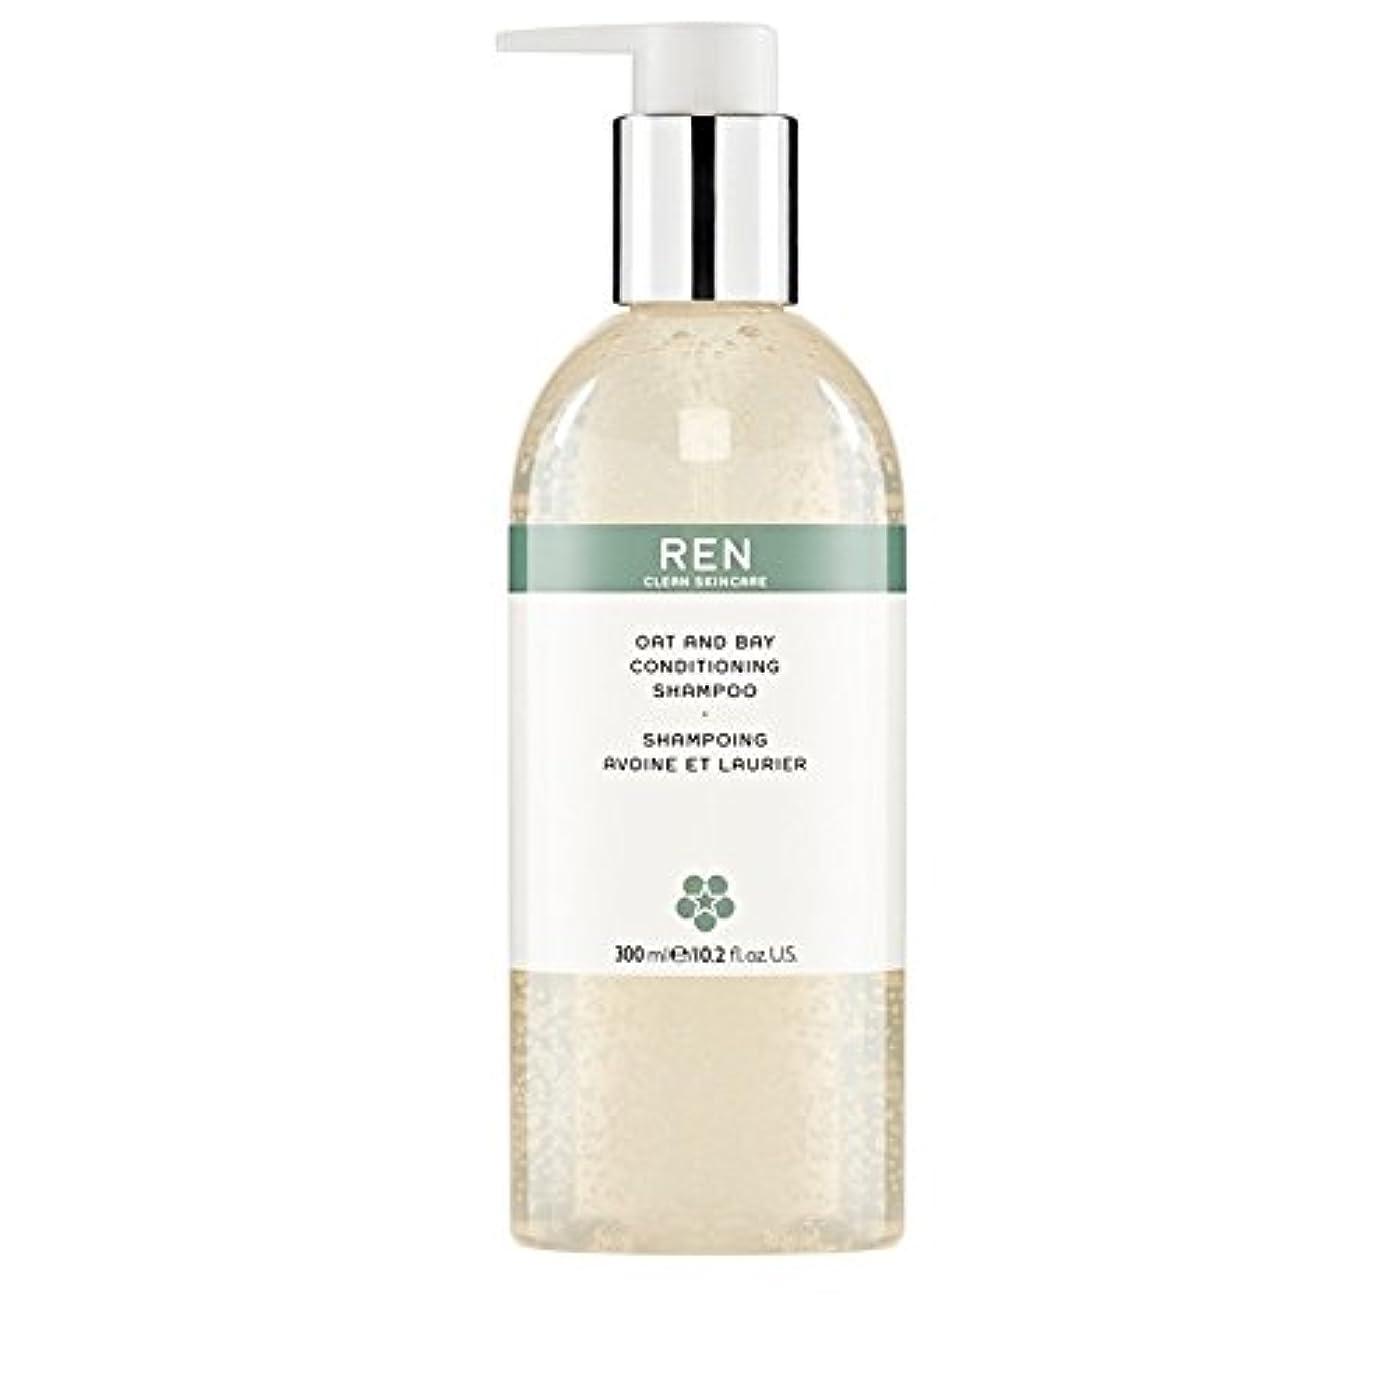 装備する電極支出REN Oat and Bay Conditioning Shampoo 300ml - オート麦とベイコンディショニングシャンプー300ミリリットル [並行輸入品]